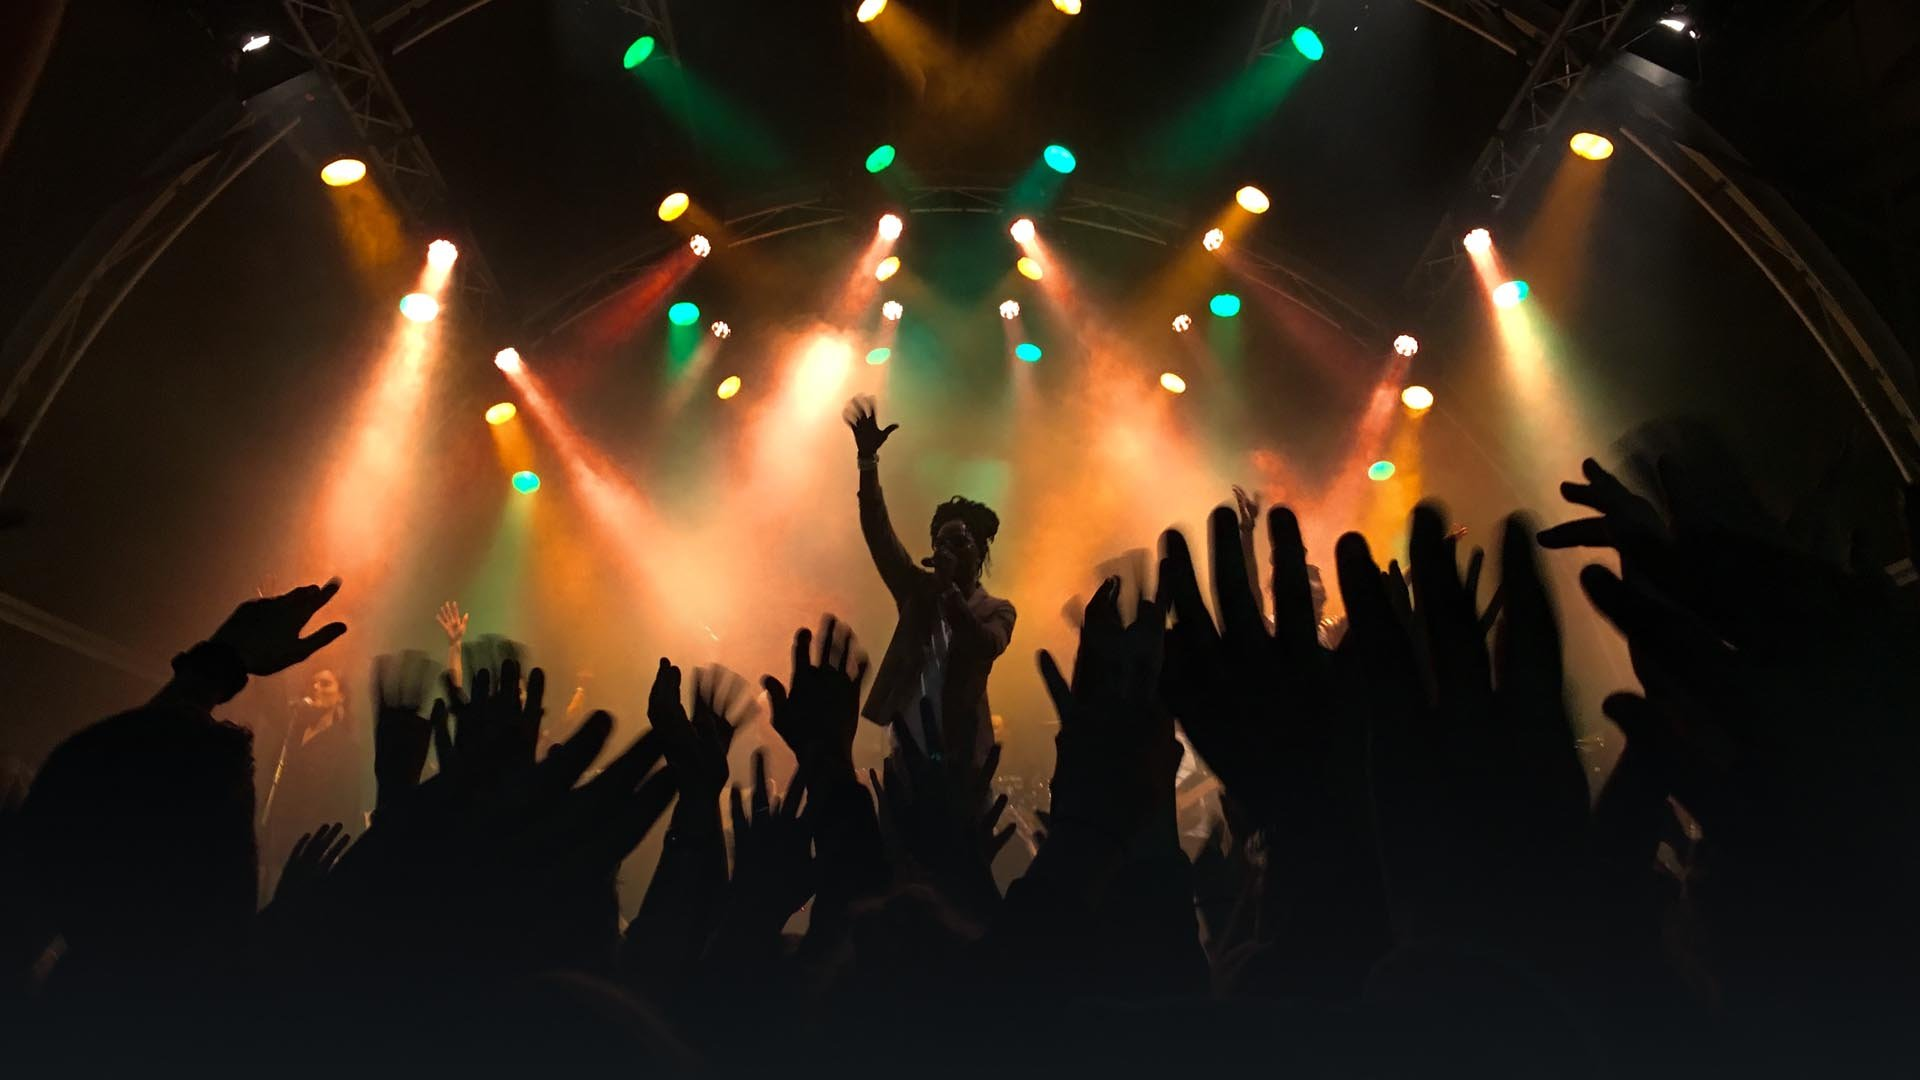 Il concerto in Spagna è stato un successo. Perché non facciamo come loro?